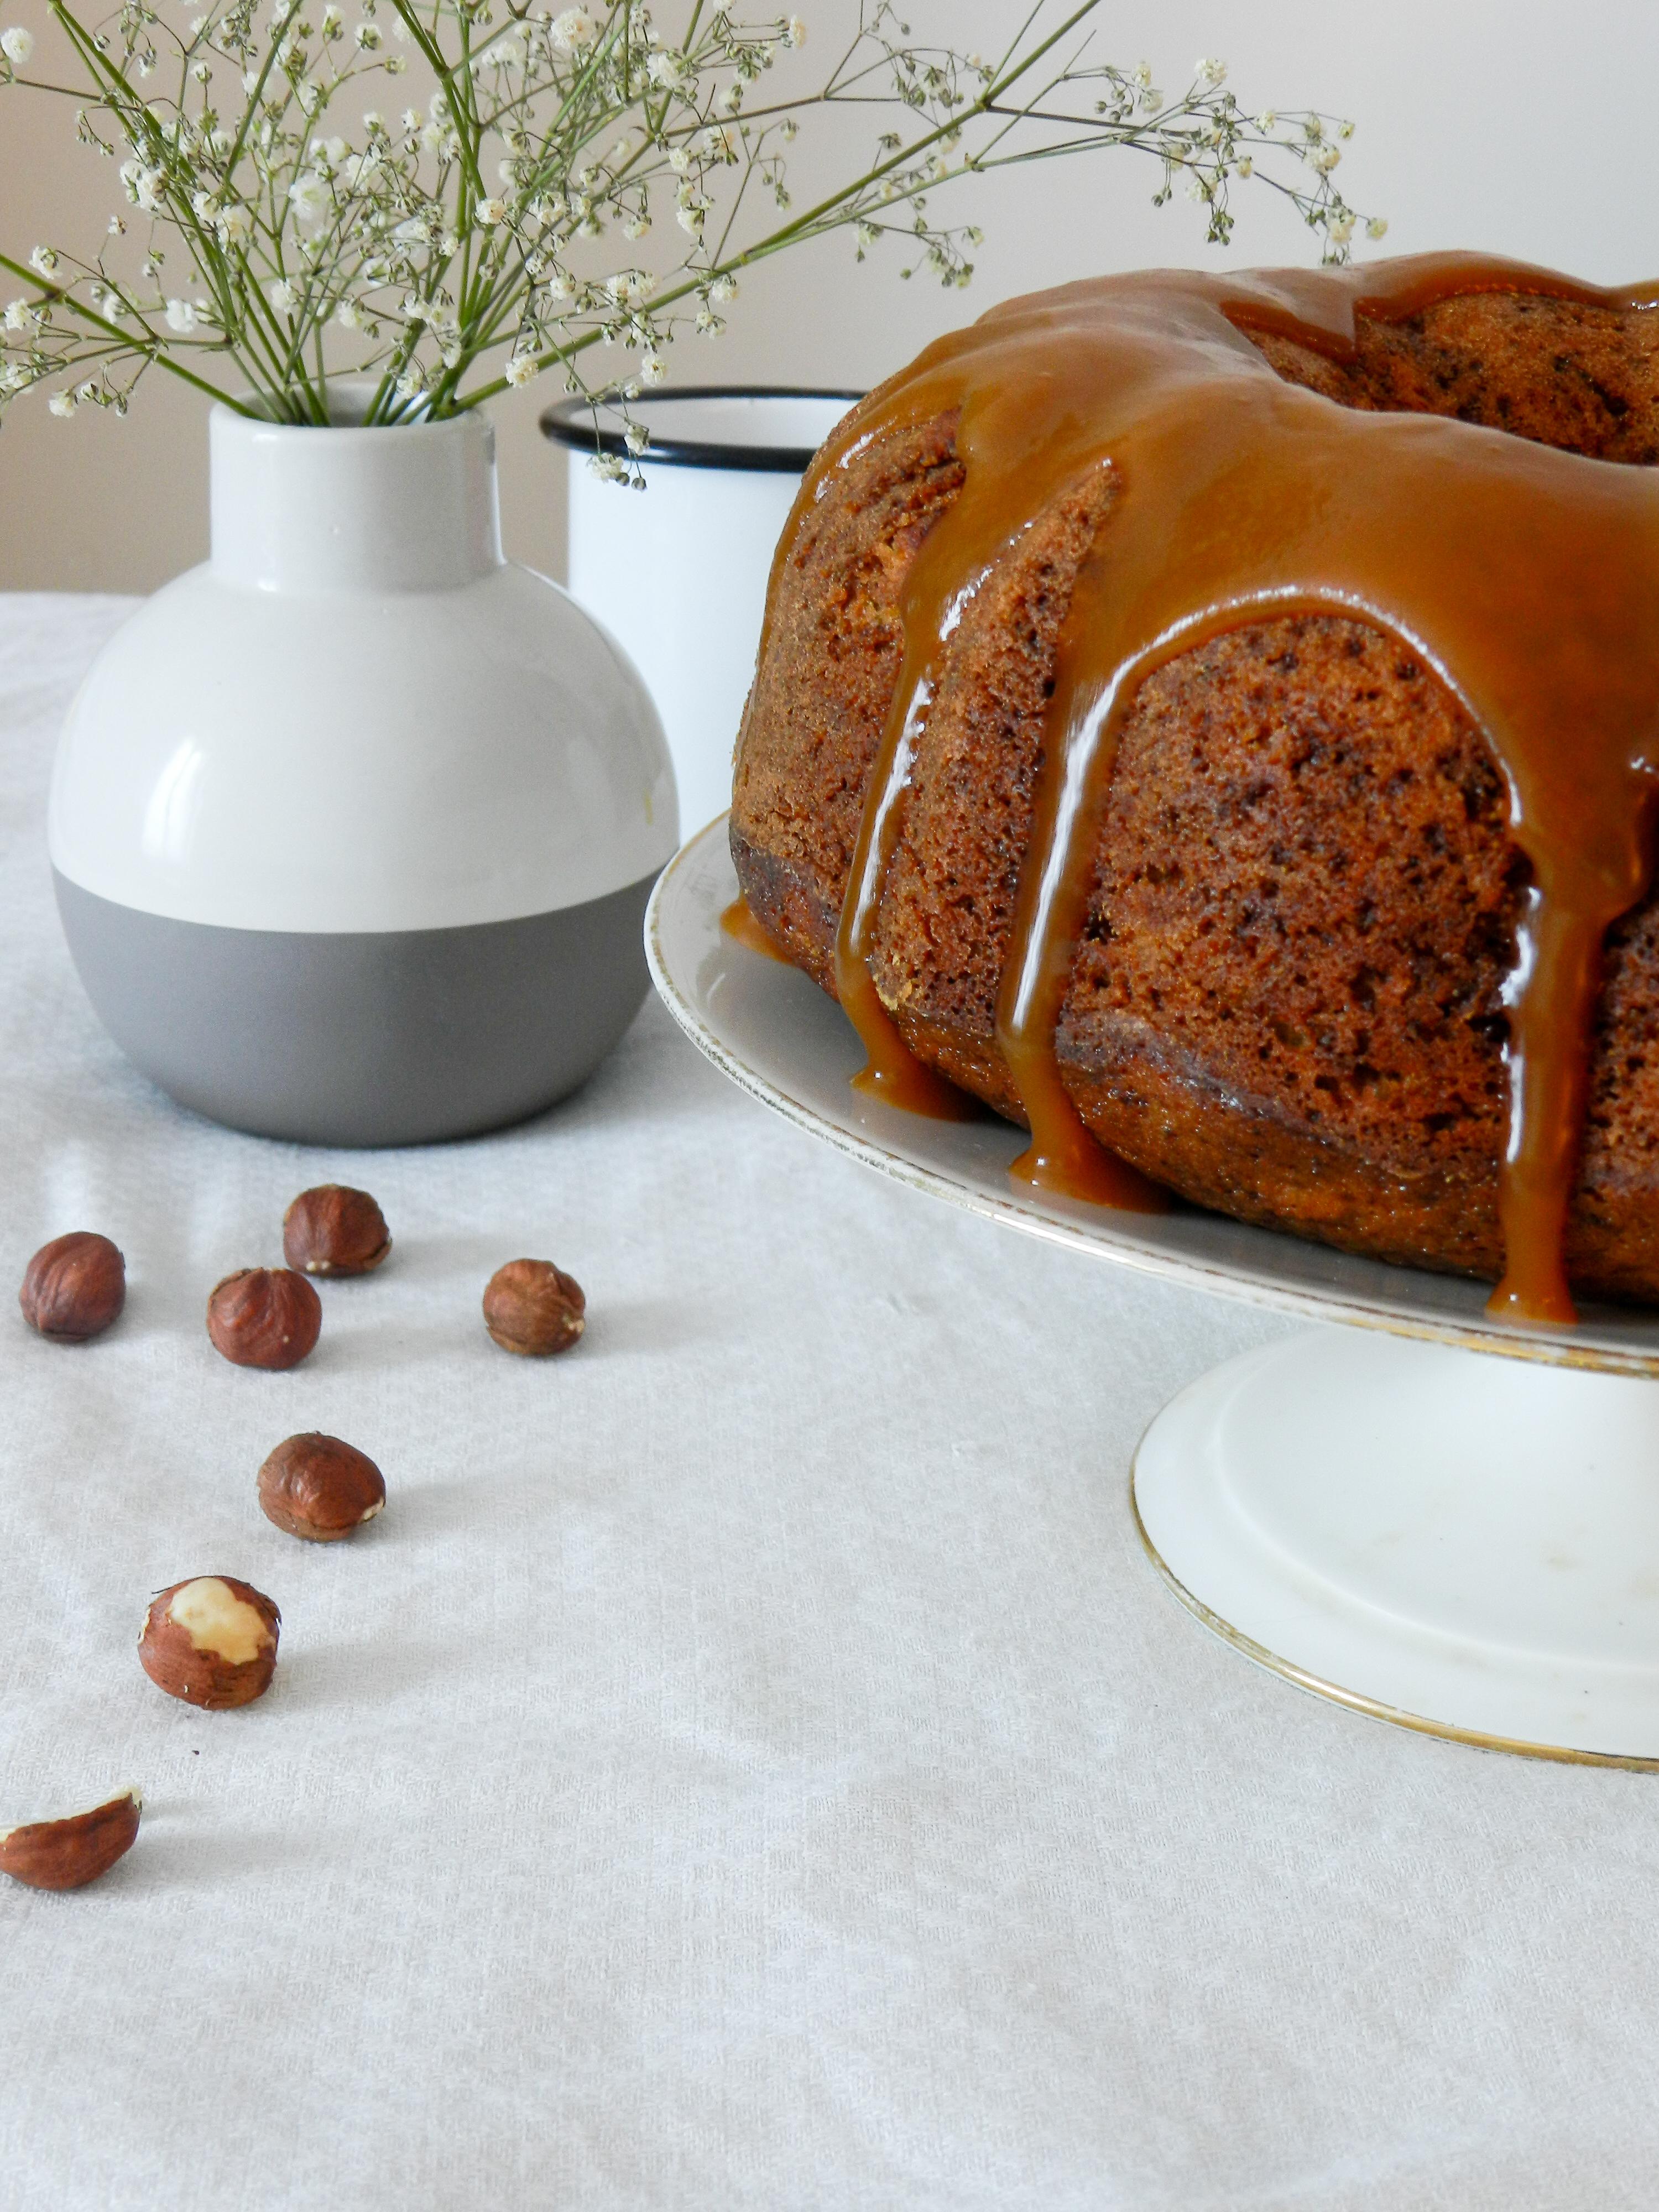 Banana Bread façon Bundt Cake aux noisettes et au caramel